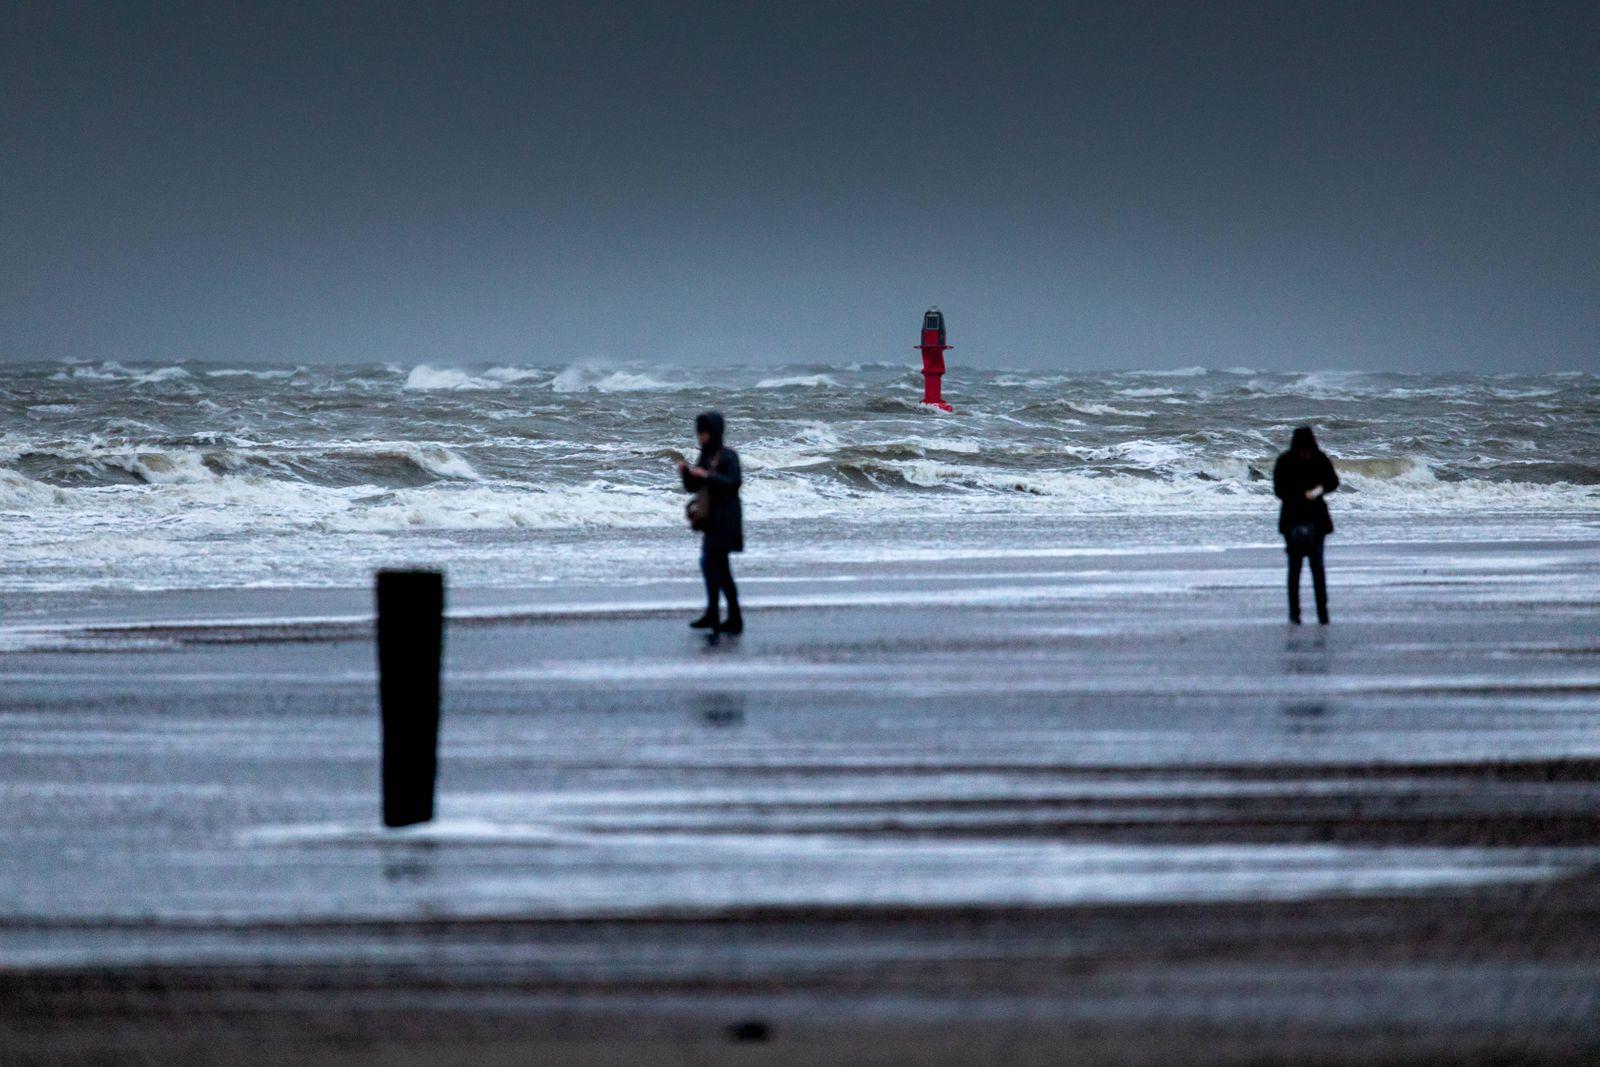 Norderney. 28 JAN 2020. Sturmtief Lolita über der Nordseeküste. Vereinzelte Strandbesucher lassen sich vom kalten Wind d